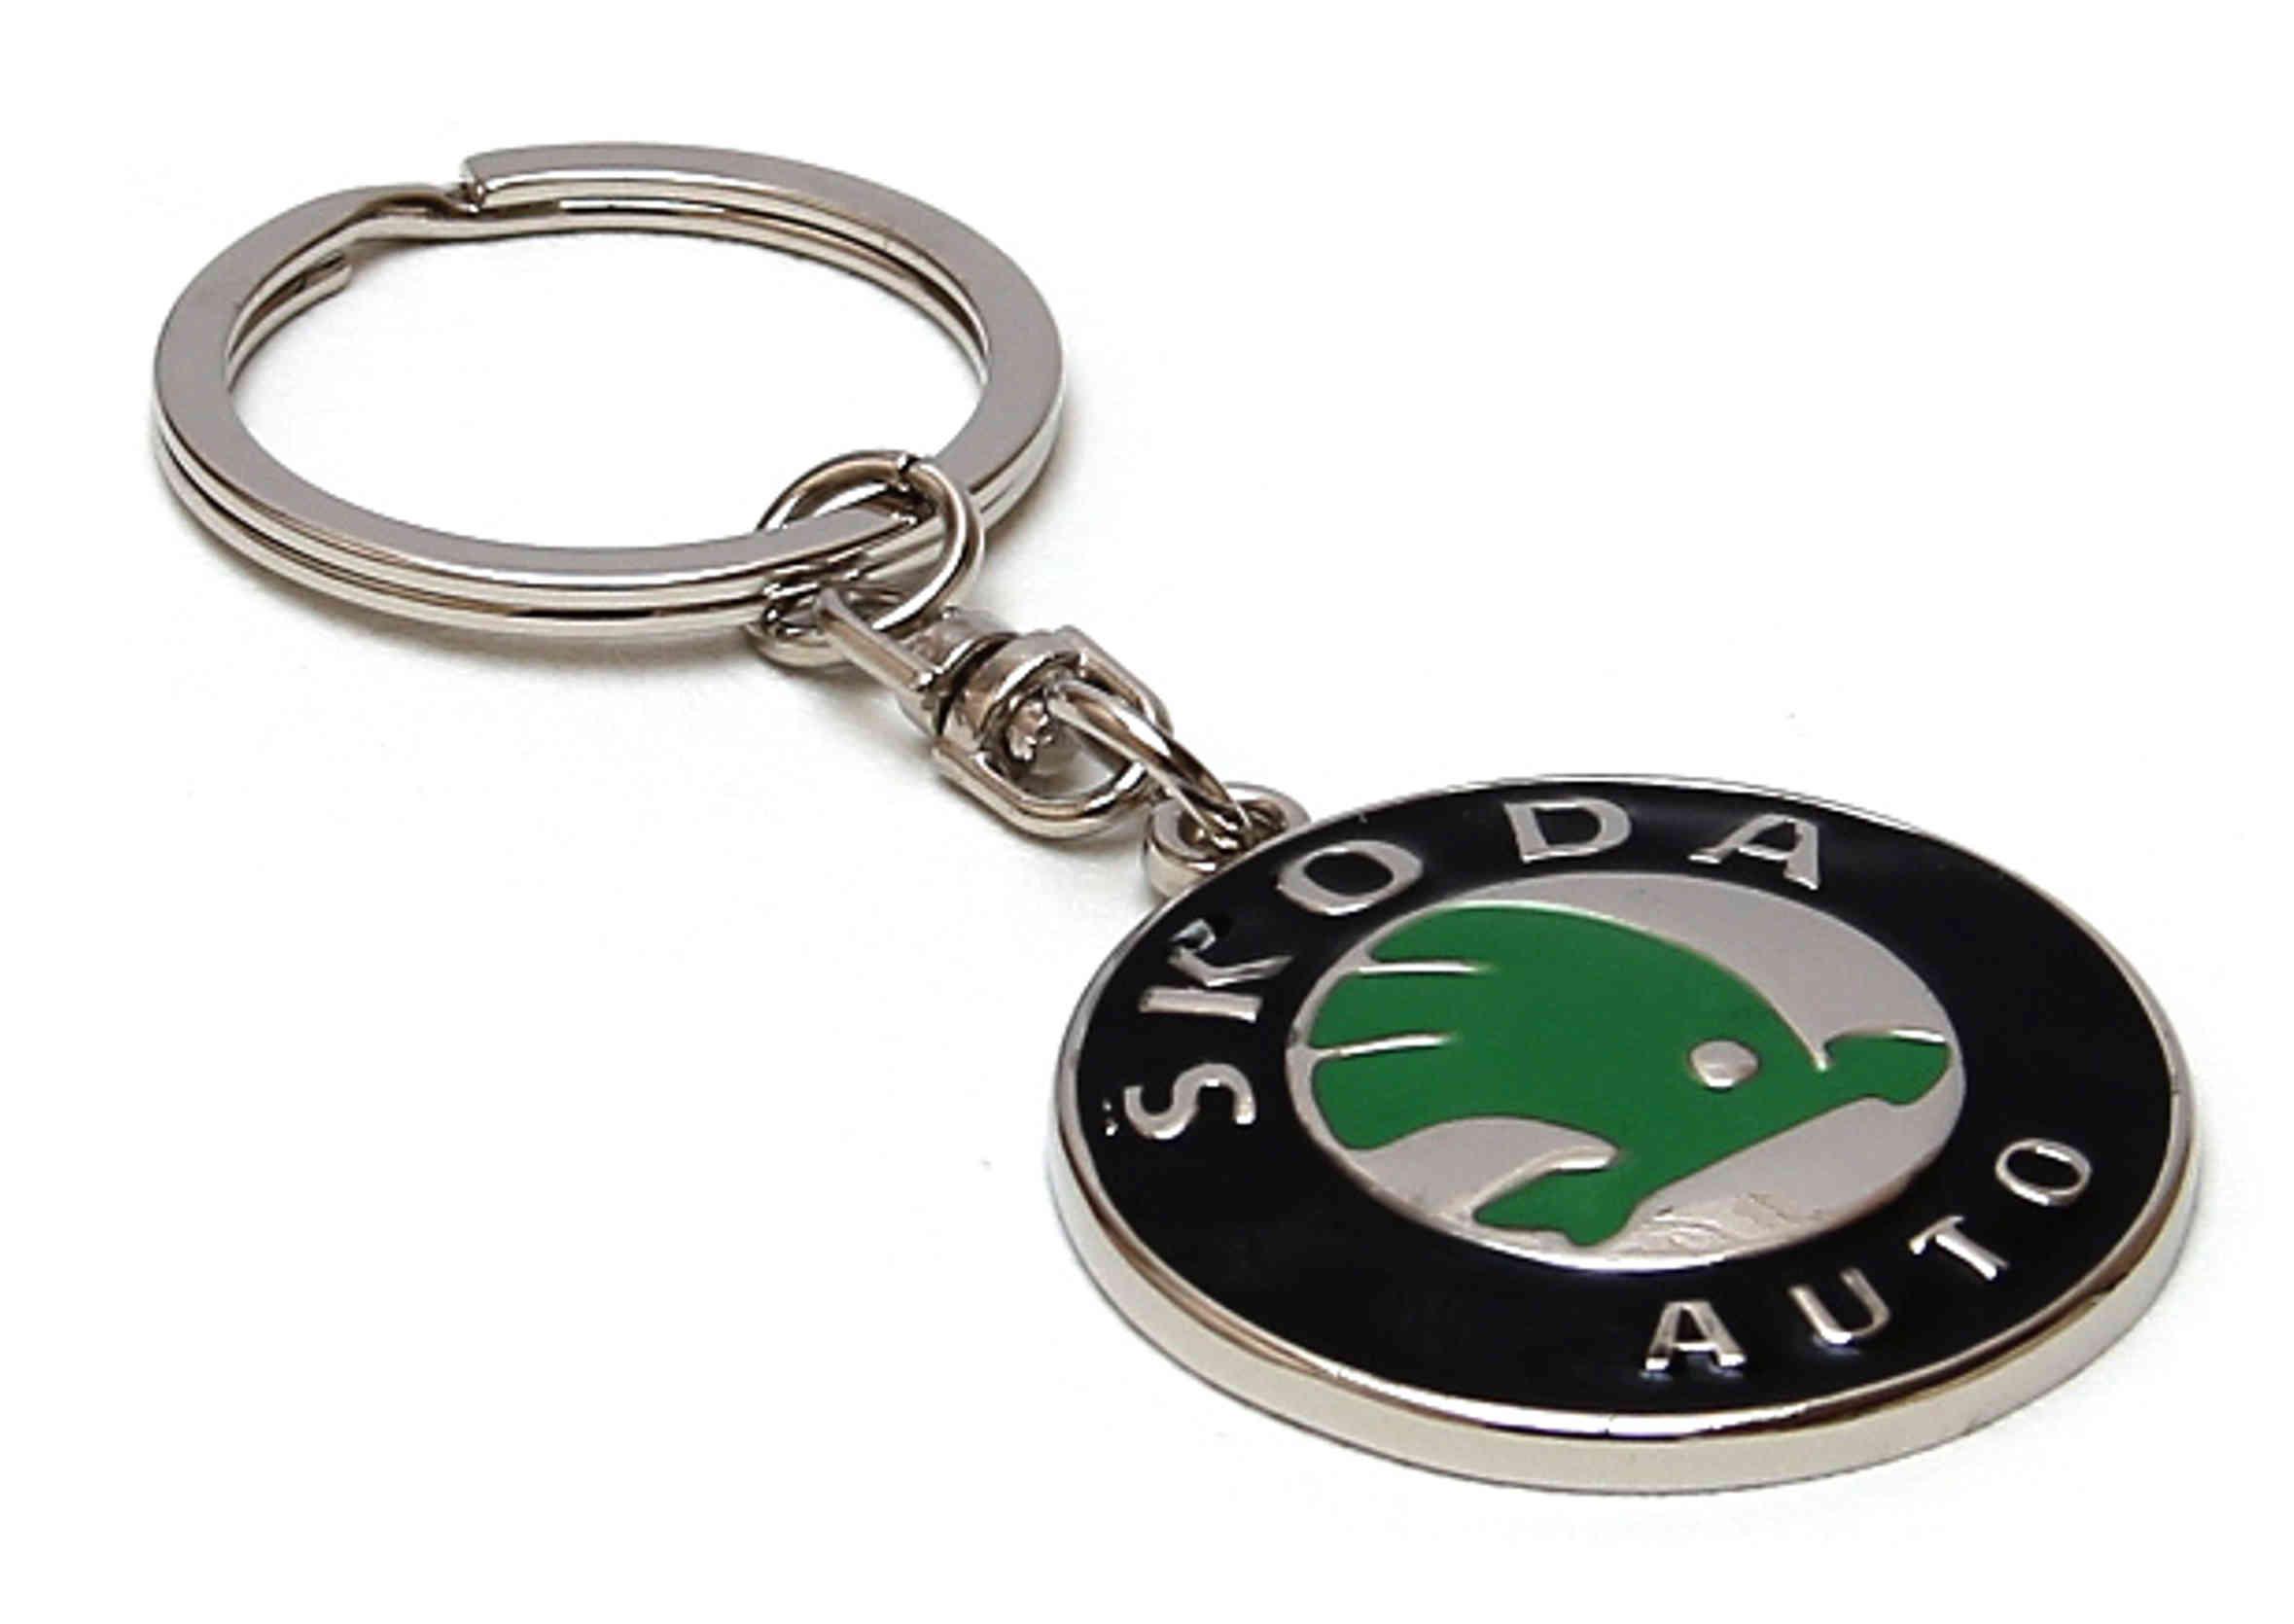 Brelok Metalowy do Kluczyków samochodowych Skoda